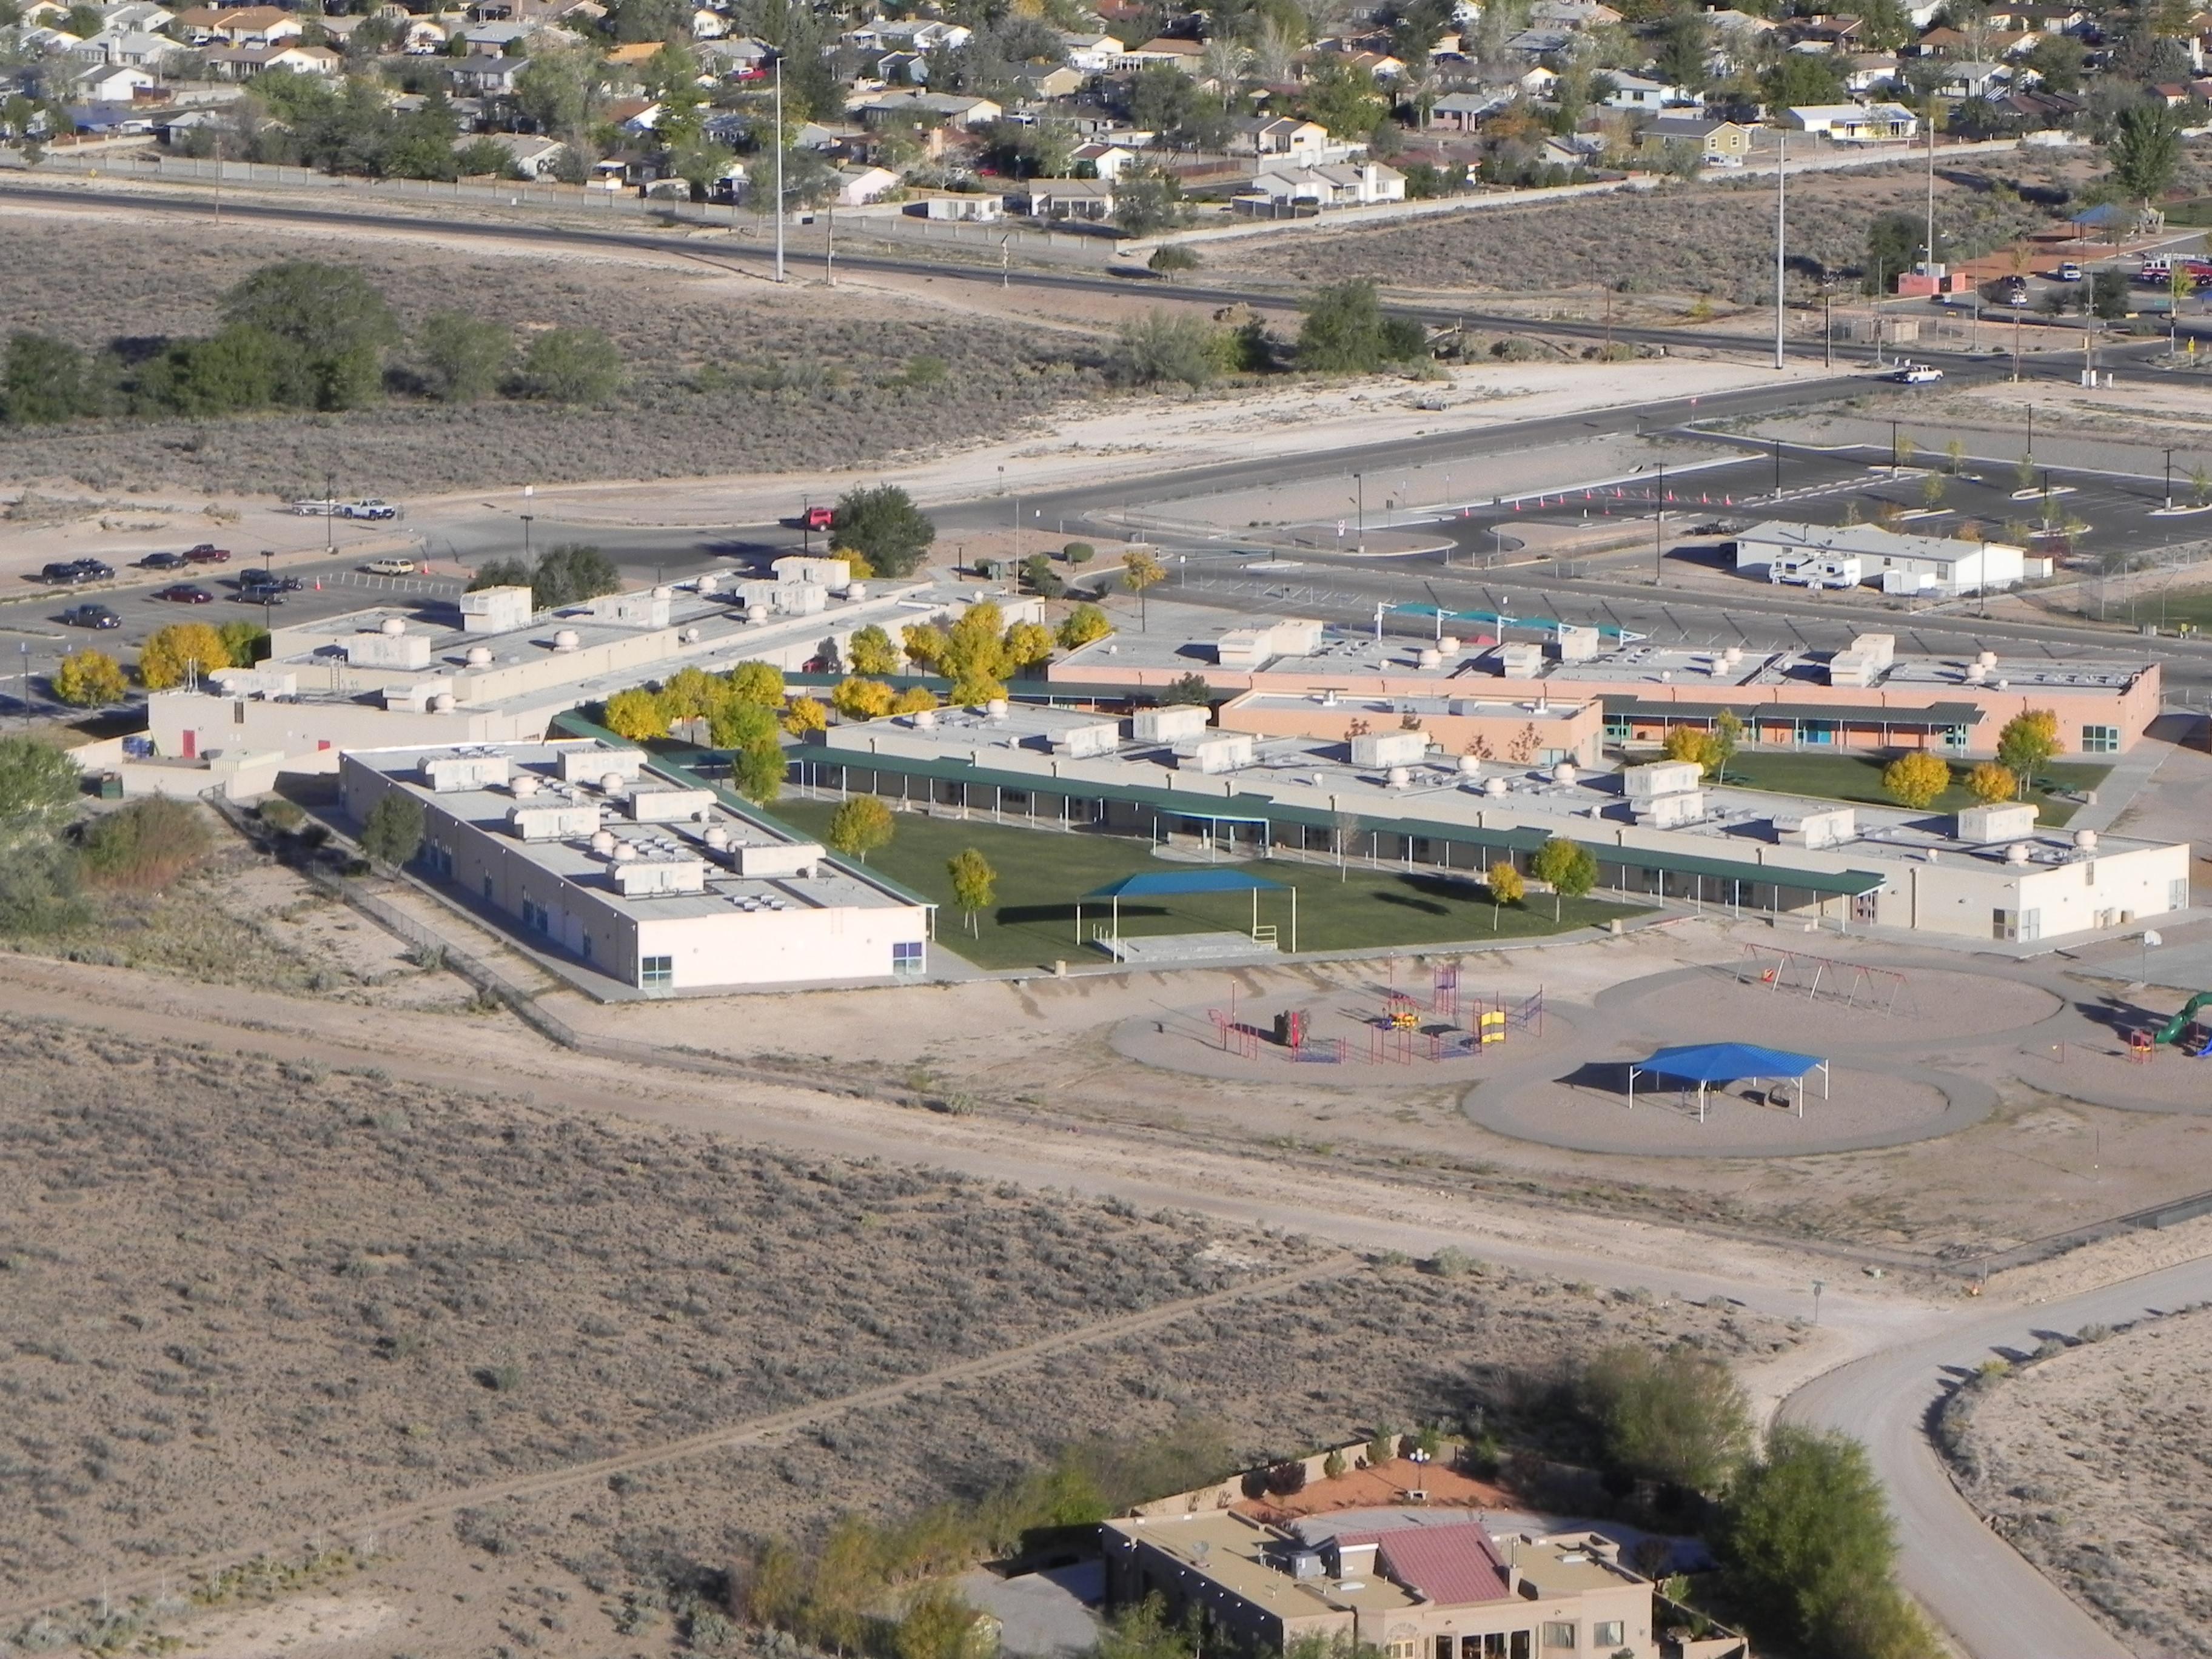 Aerial image of Puesta del Sol Elementary